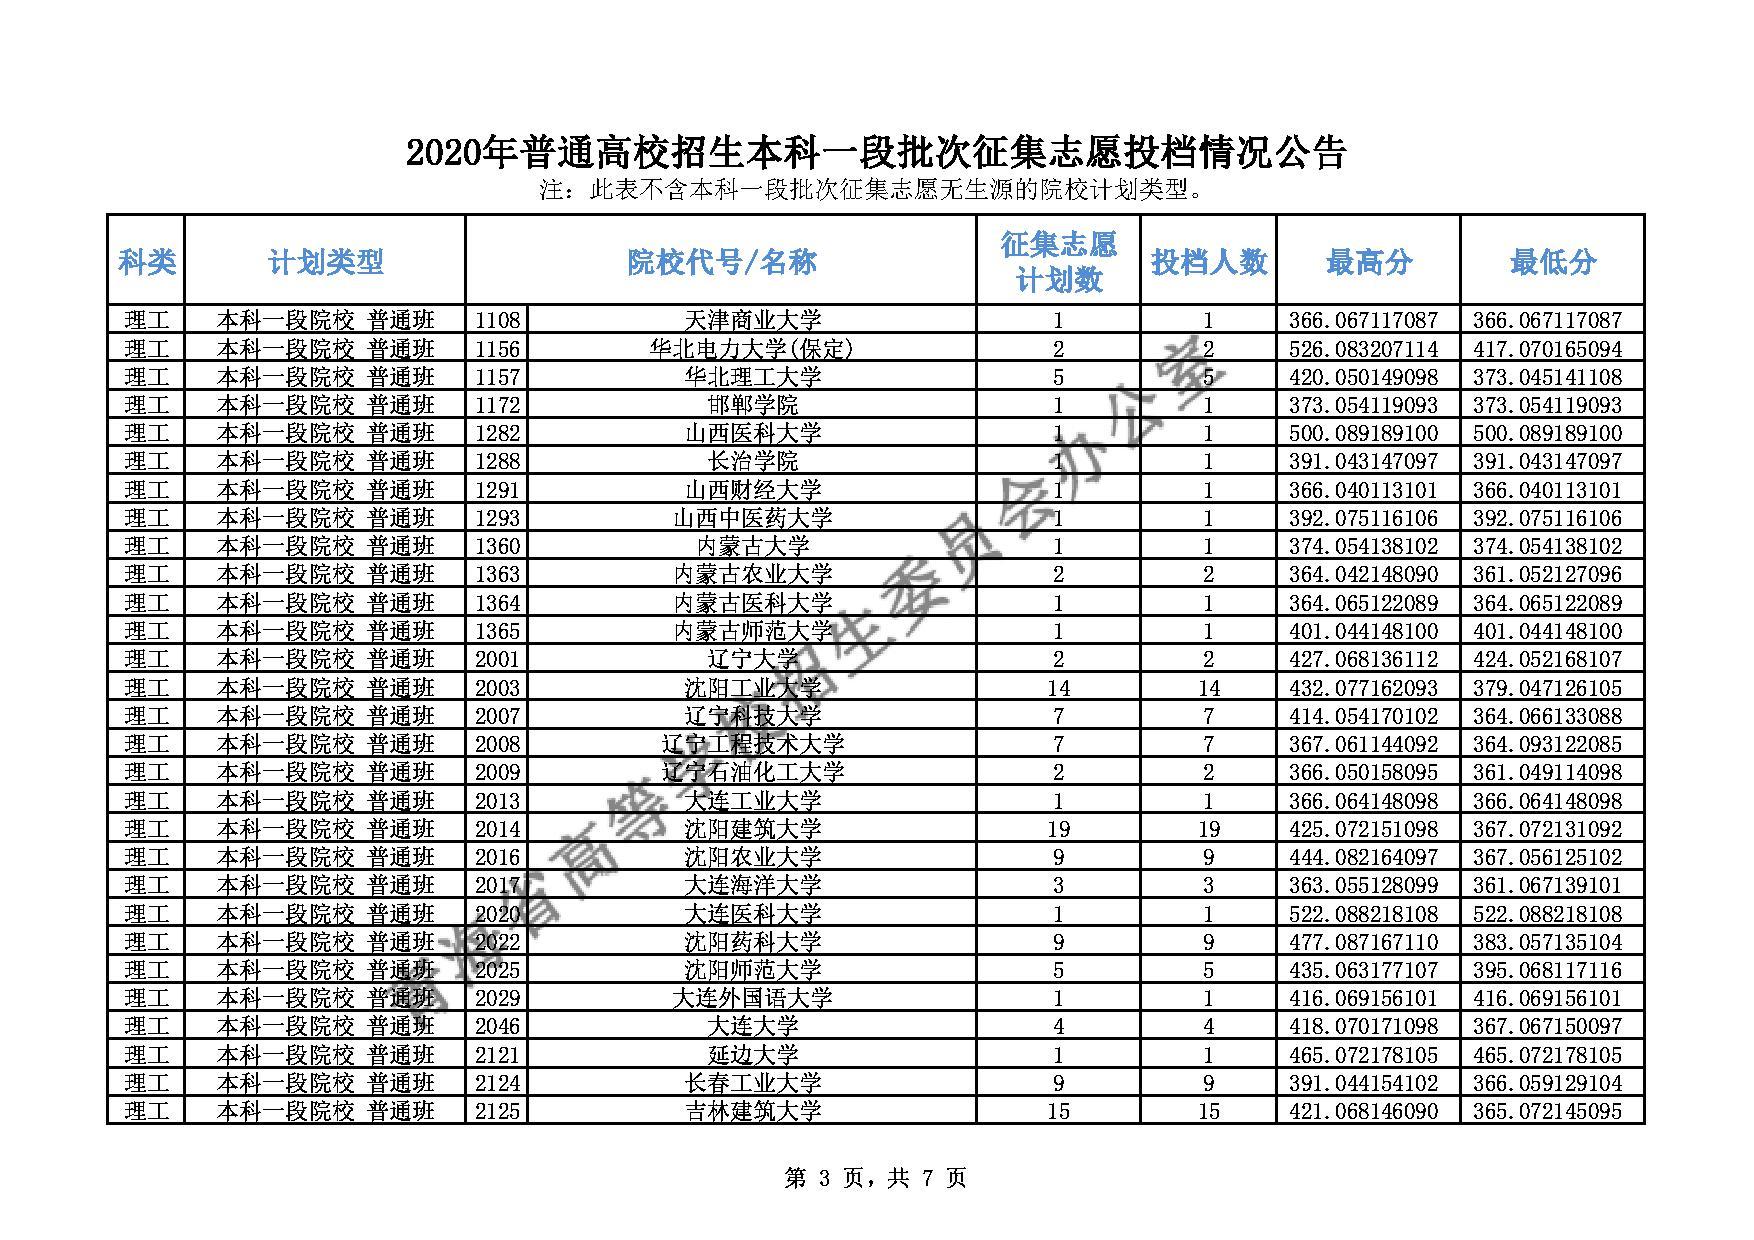 青海2020普通高校招生本科一段批次征集志愿投档情况公告图3